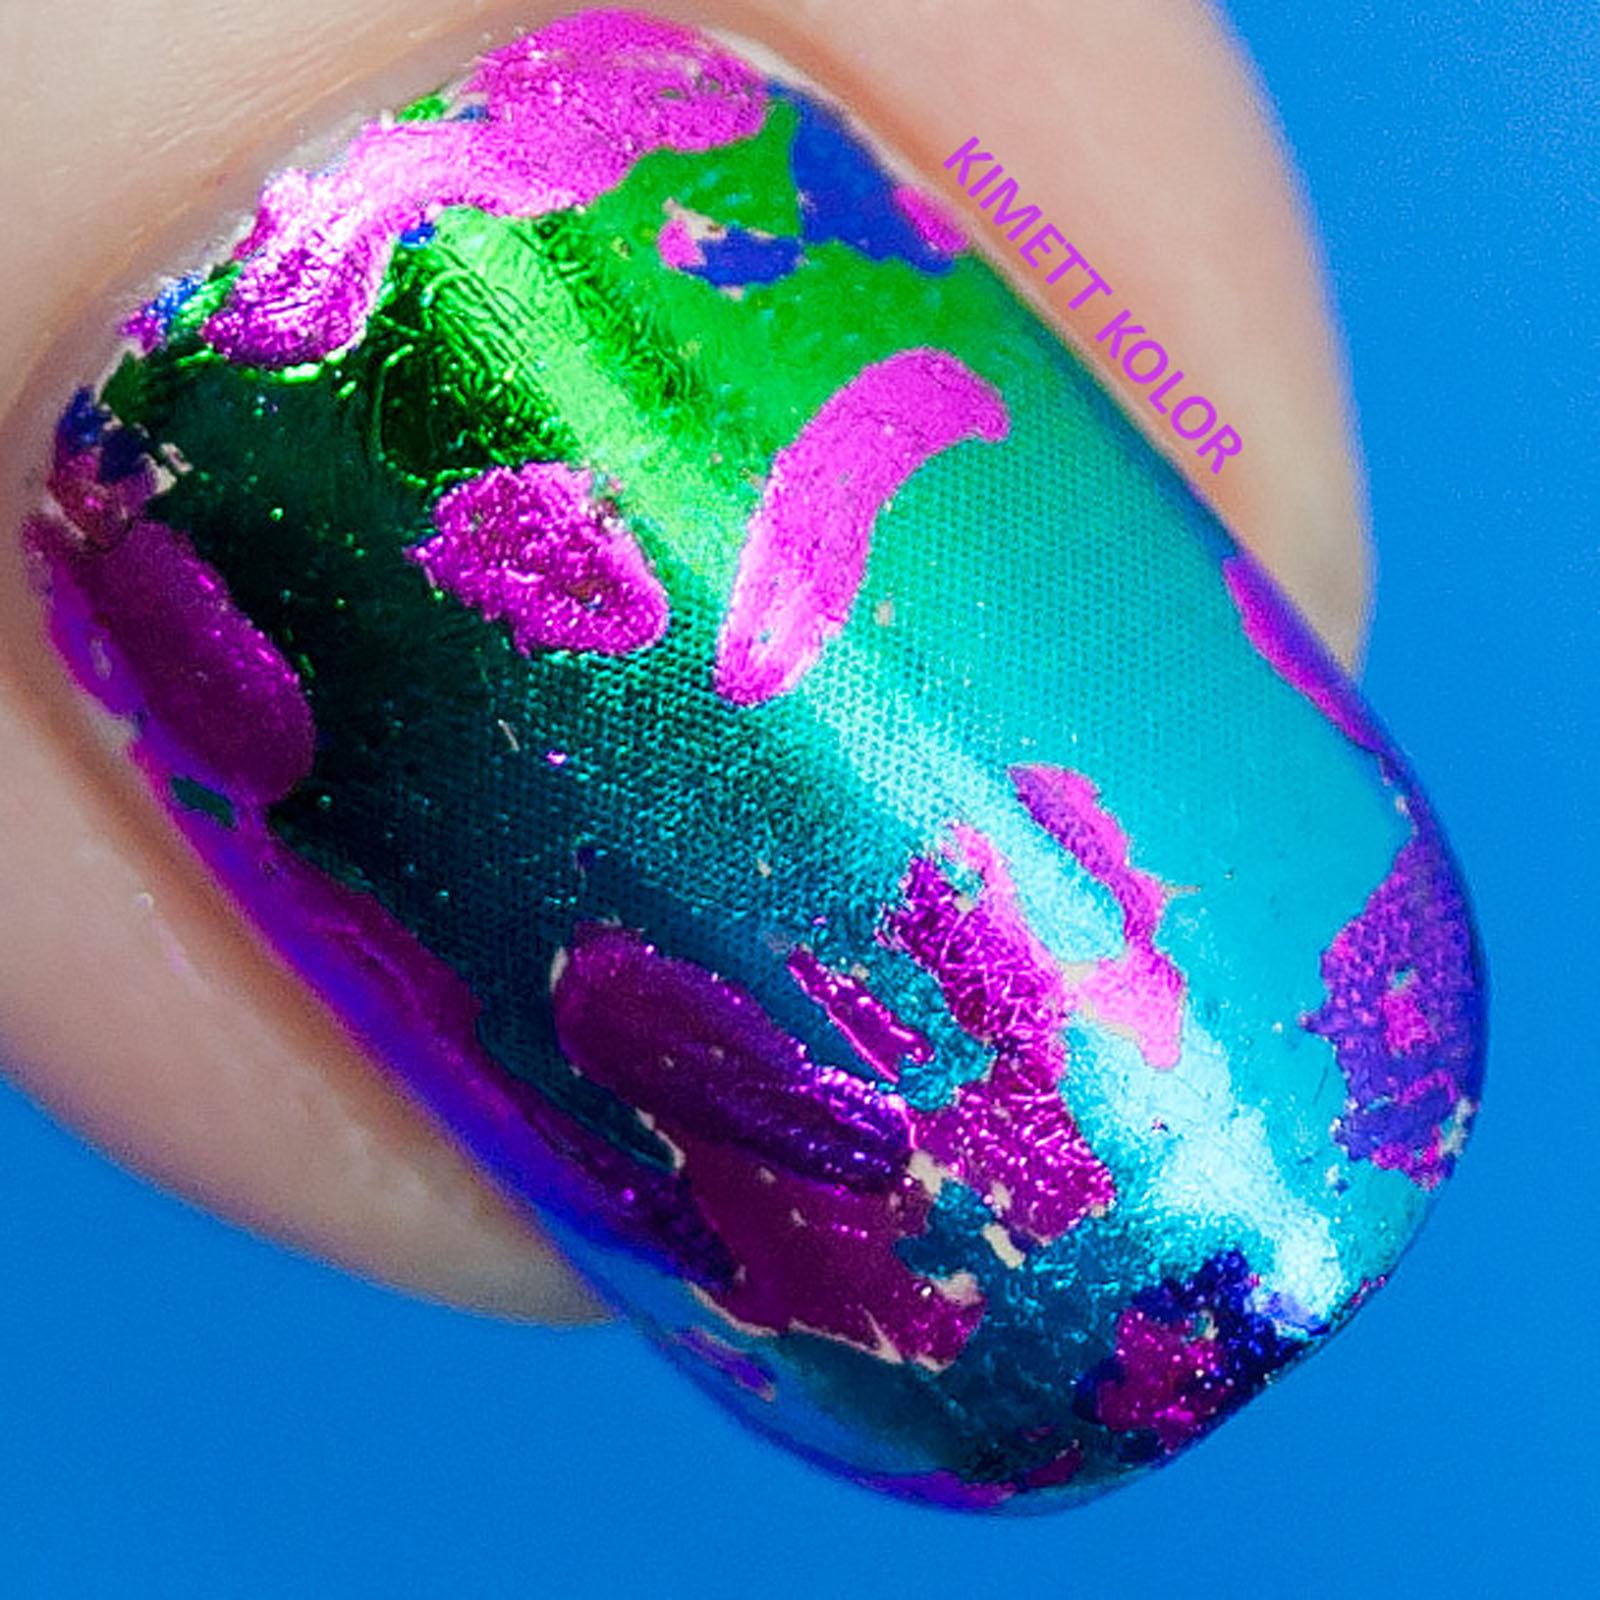 Kimett Kolor nail foil nail art base